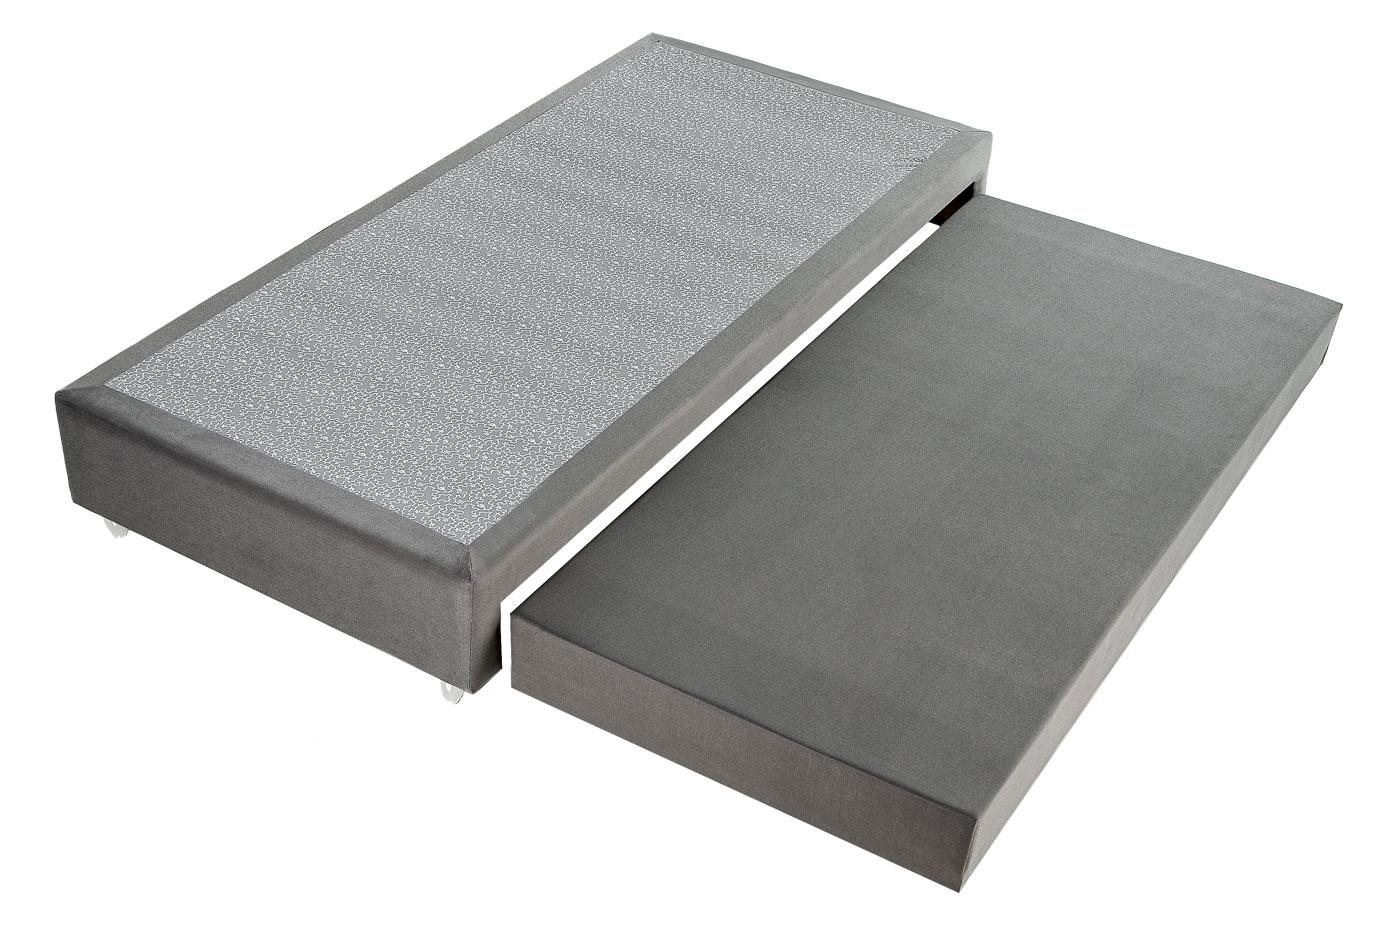 Box Base Para Colchão Com Cama Auxiliar Solteiro 0,88x1,88 Kenko Premium  - Kenko Premium Colchões